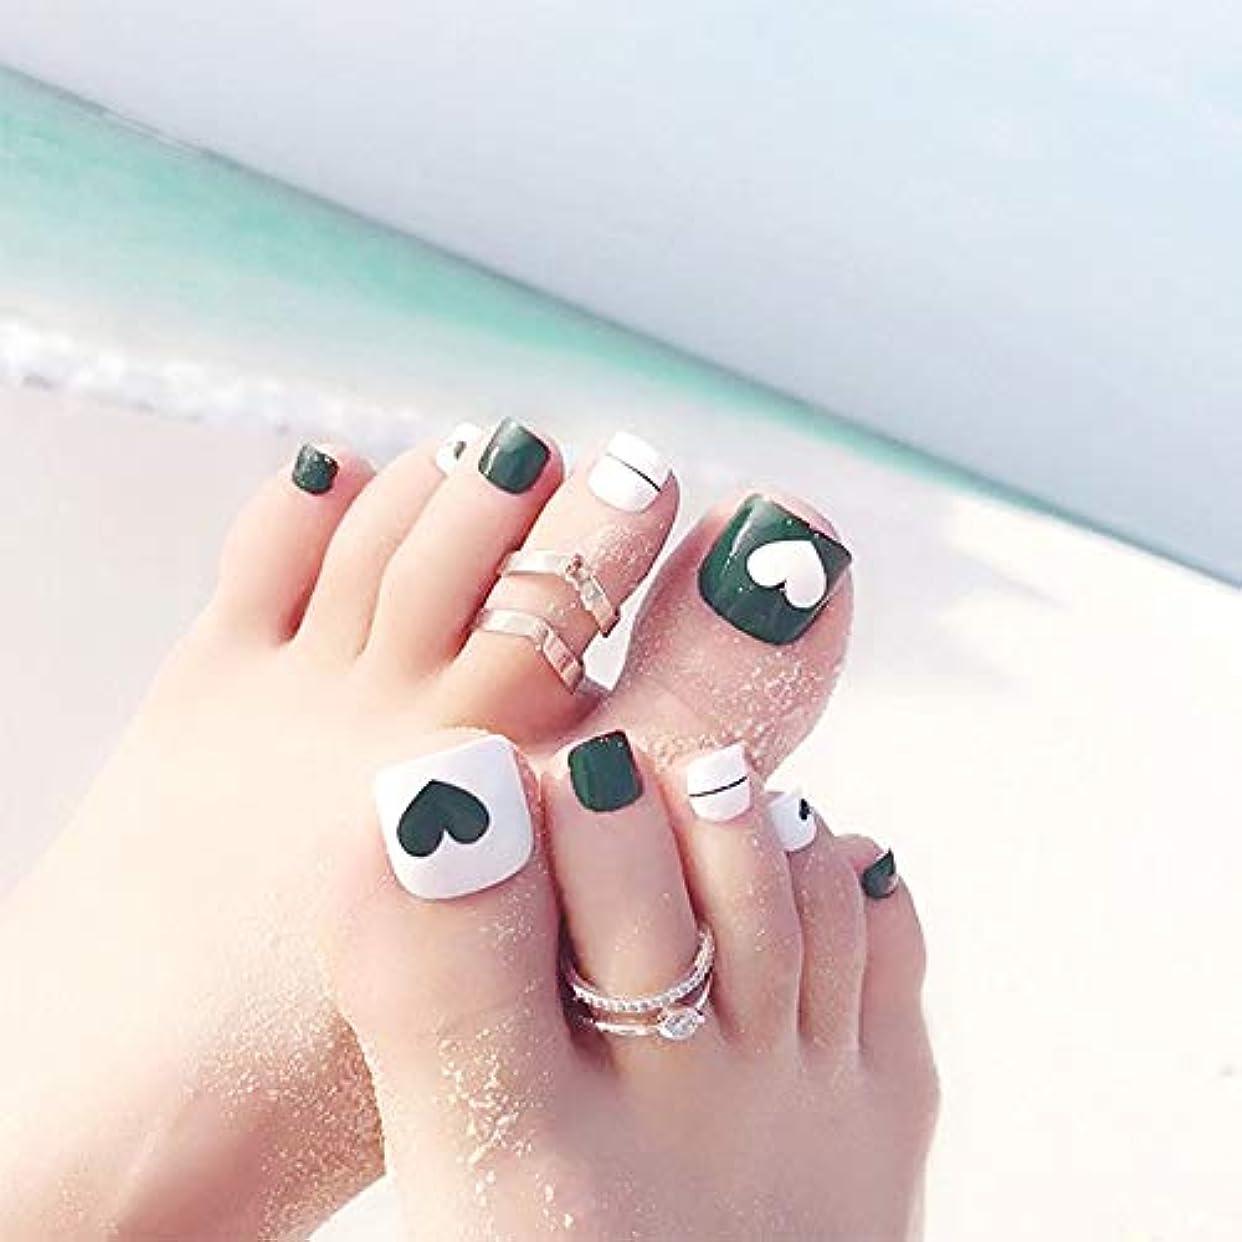 黙認する金曜日感性XUTXZKA 緑色のネイルアートのヒントホリデービーチフットフェイクネイルハート型のパターントレンディなつま先の爪